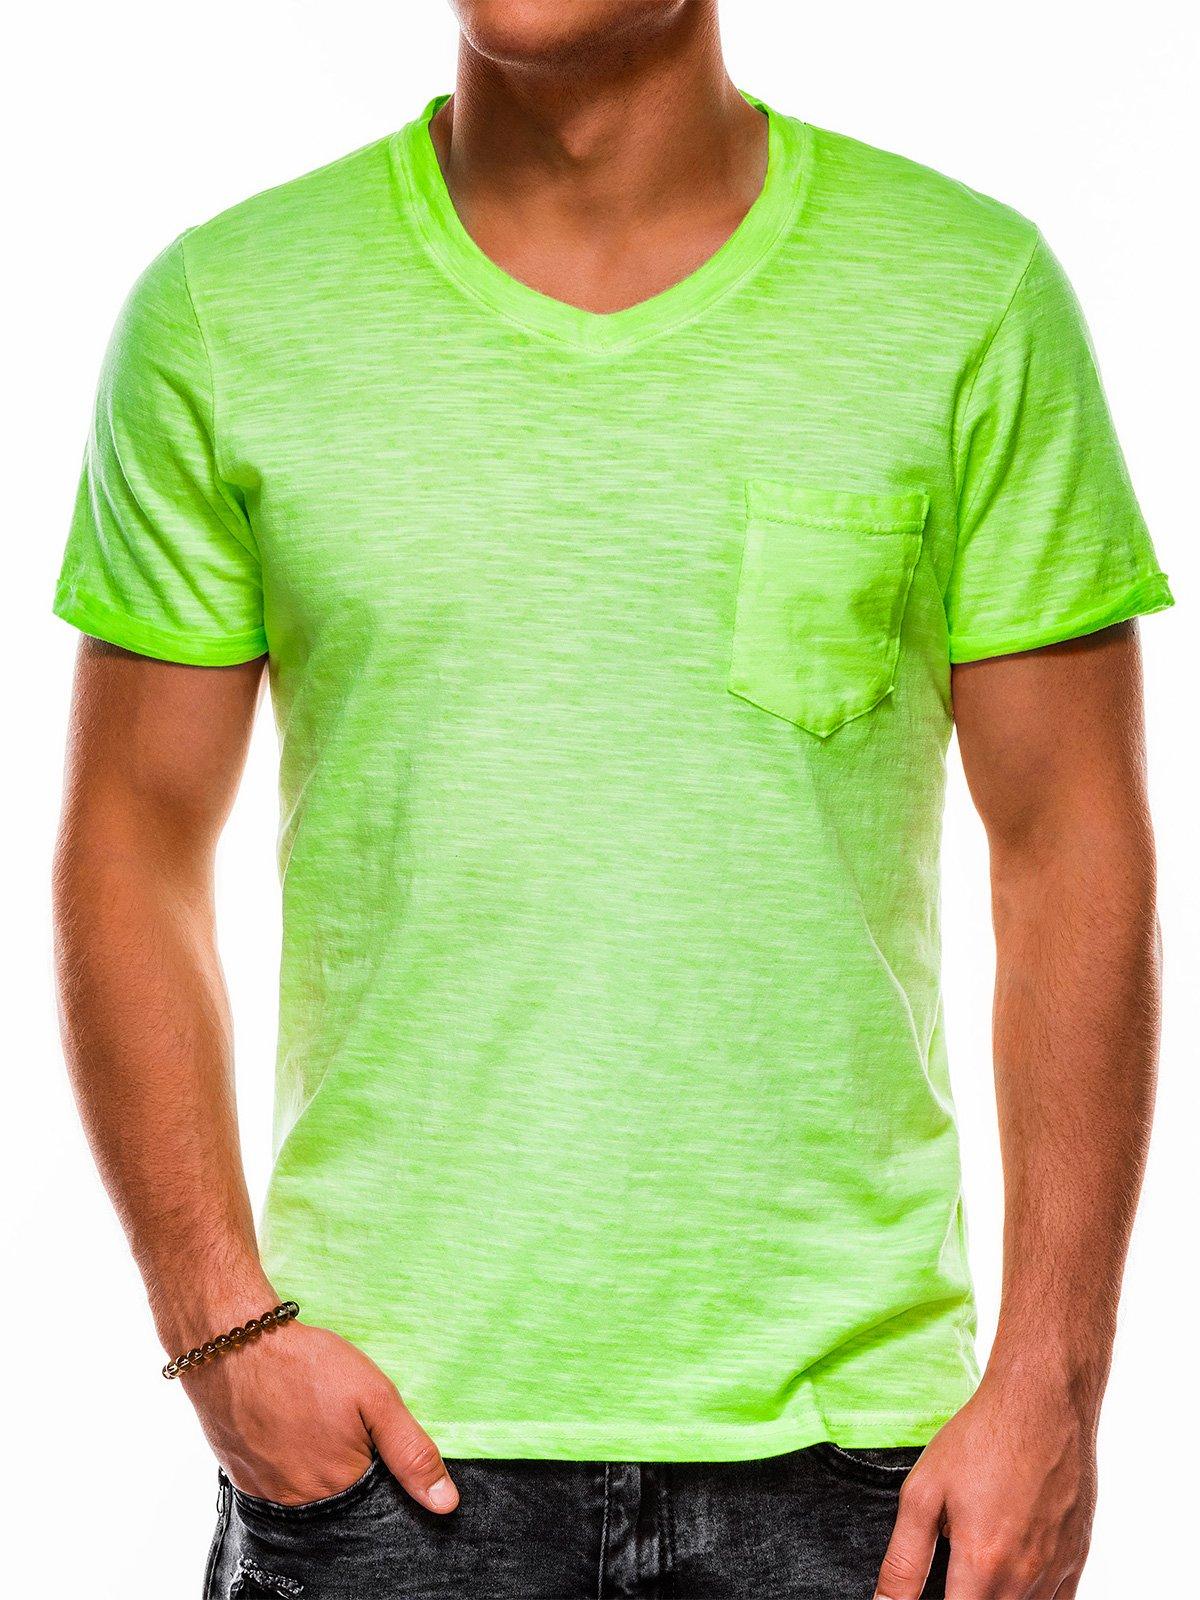 T-shirt męski beznadruku S1053 - zielony